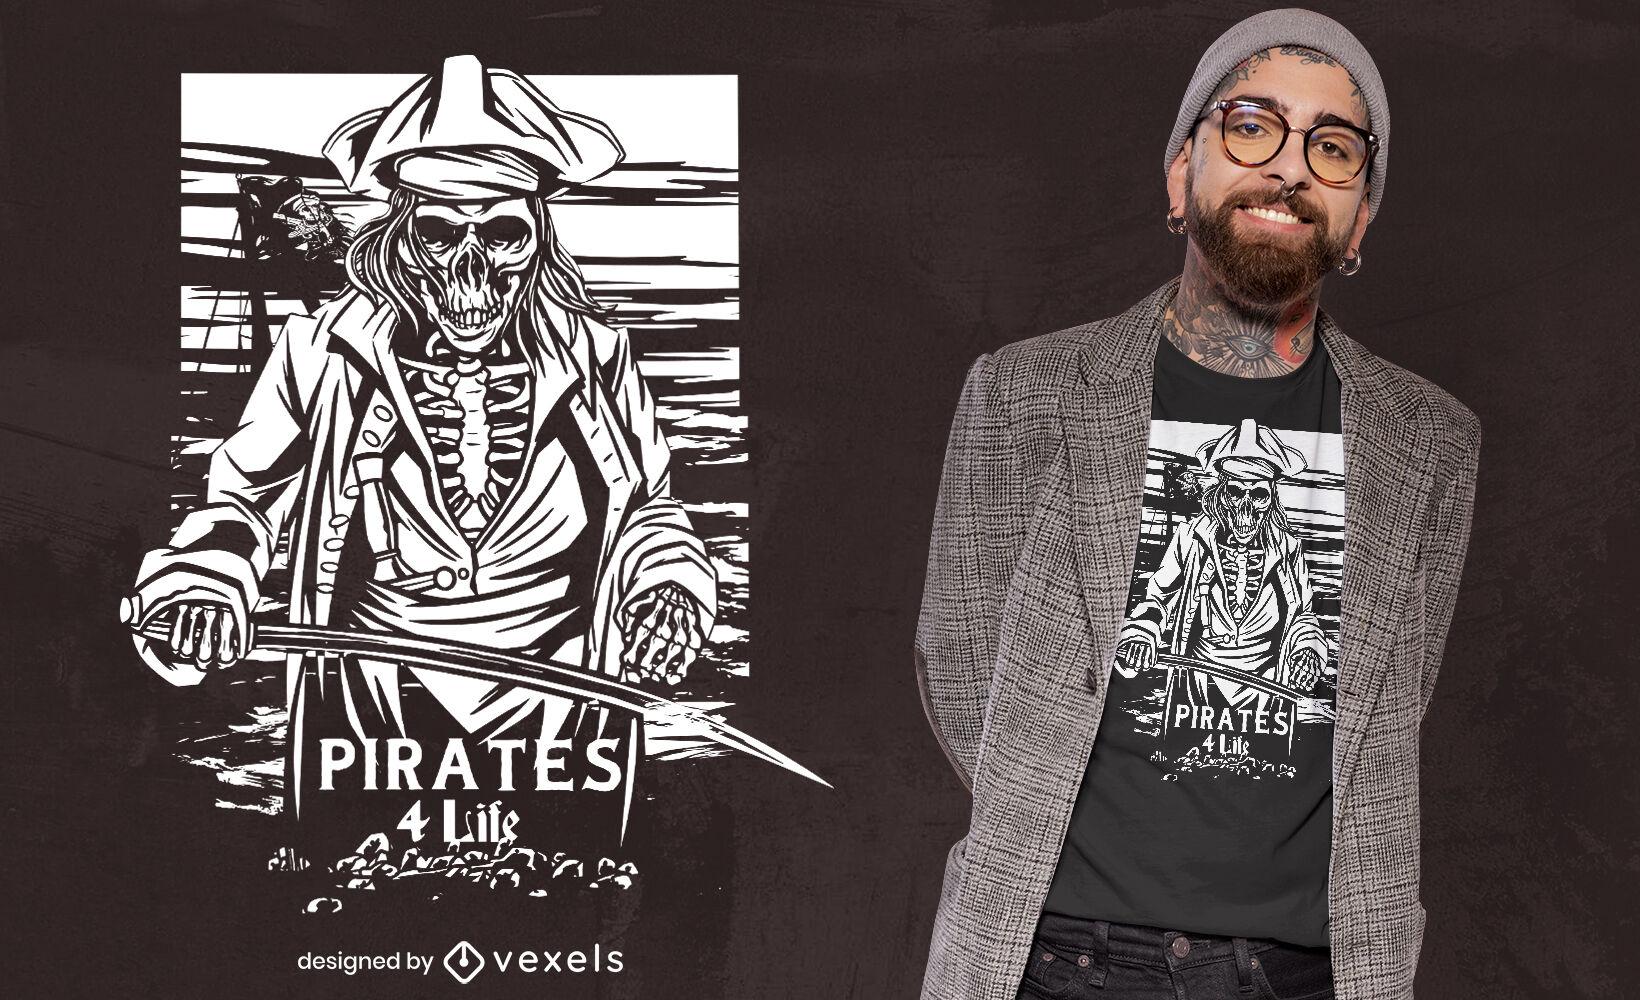 Pirate skeleton t-shirt design